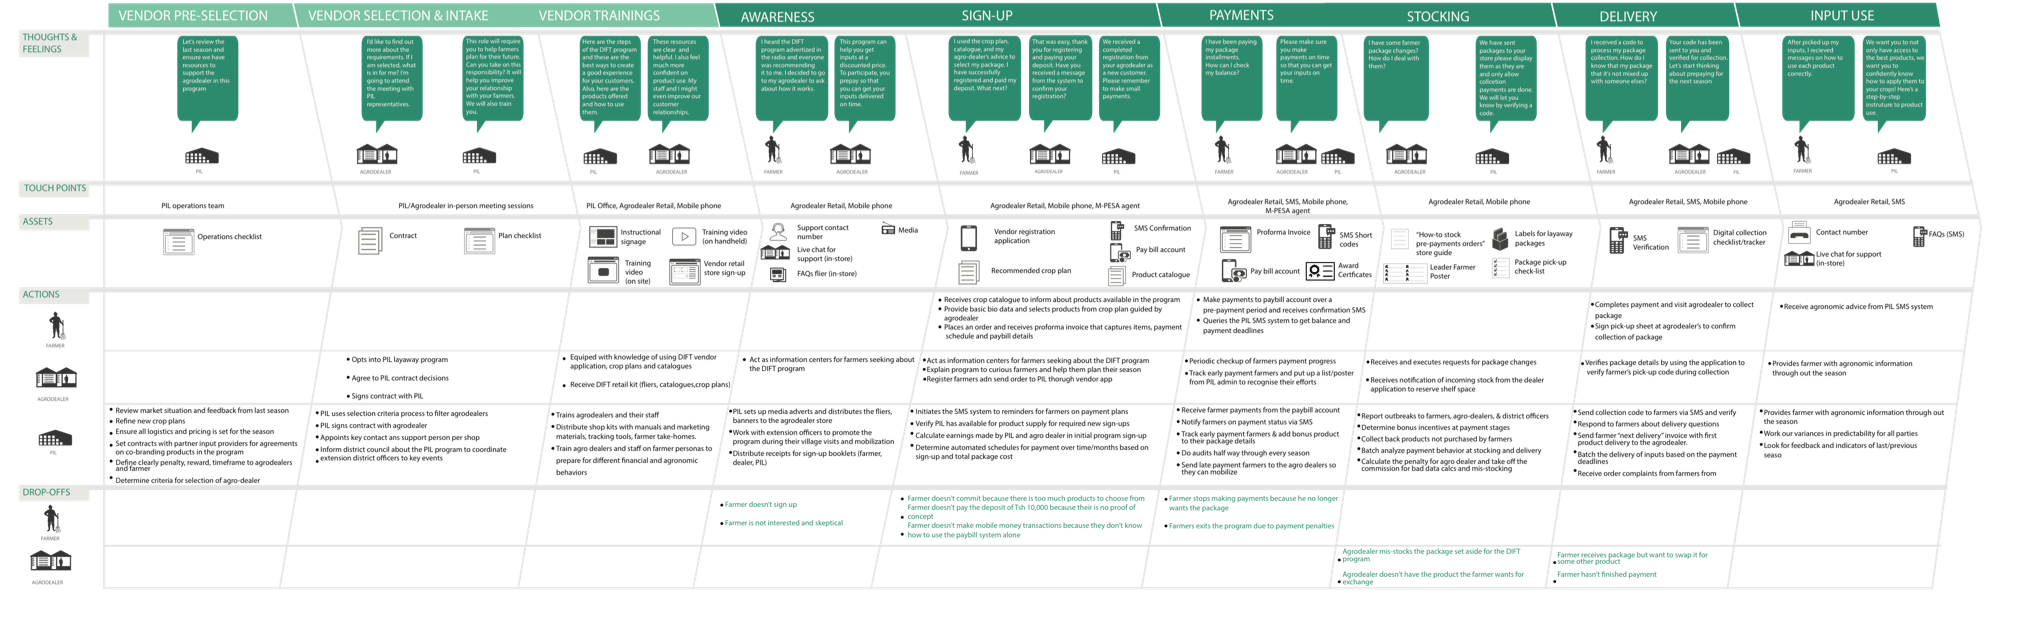 PIL service blueprint.png